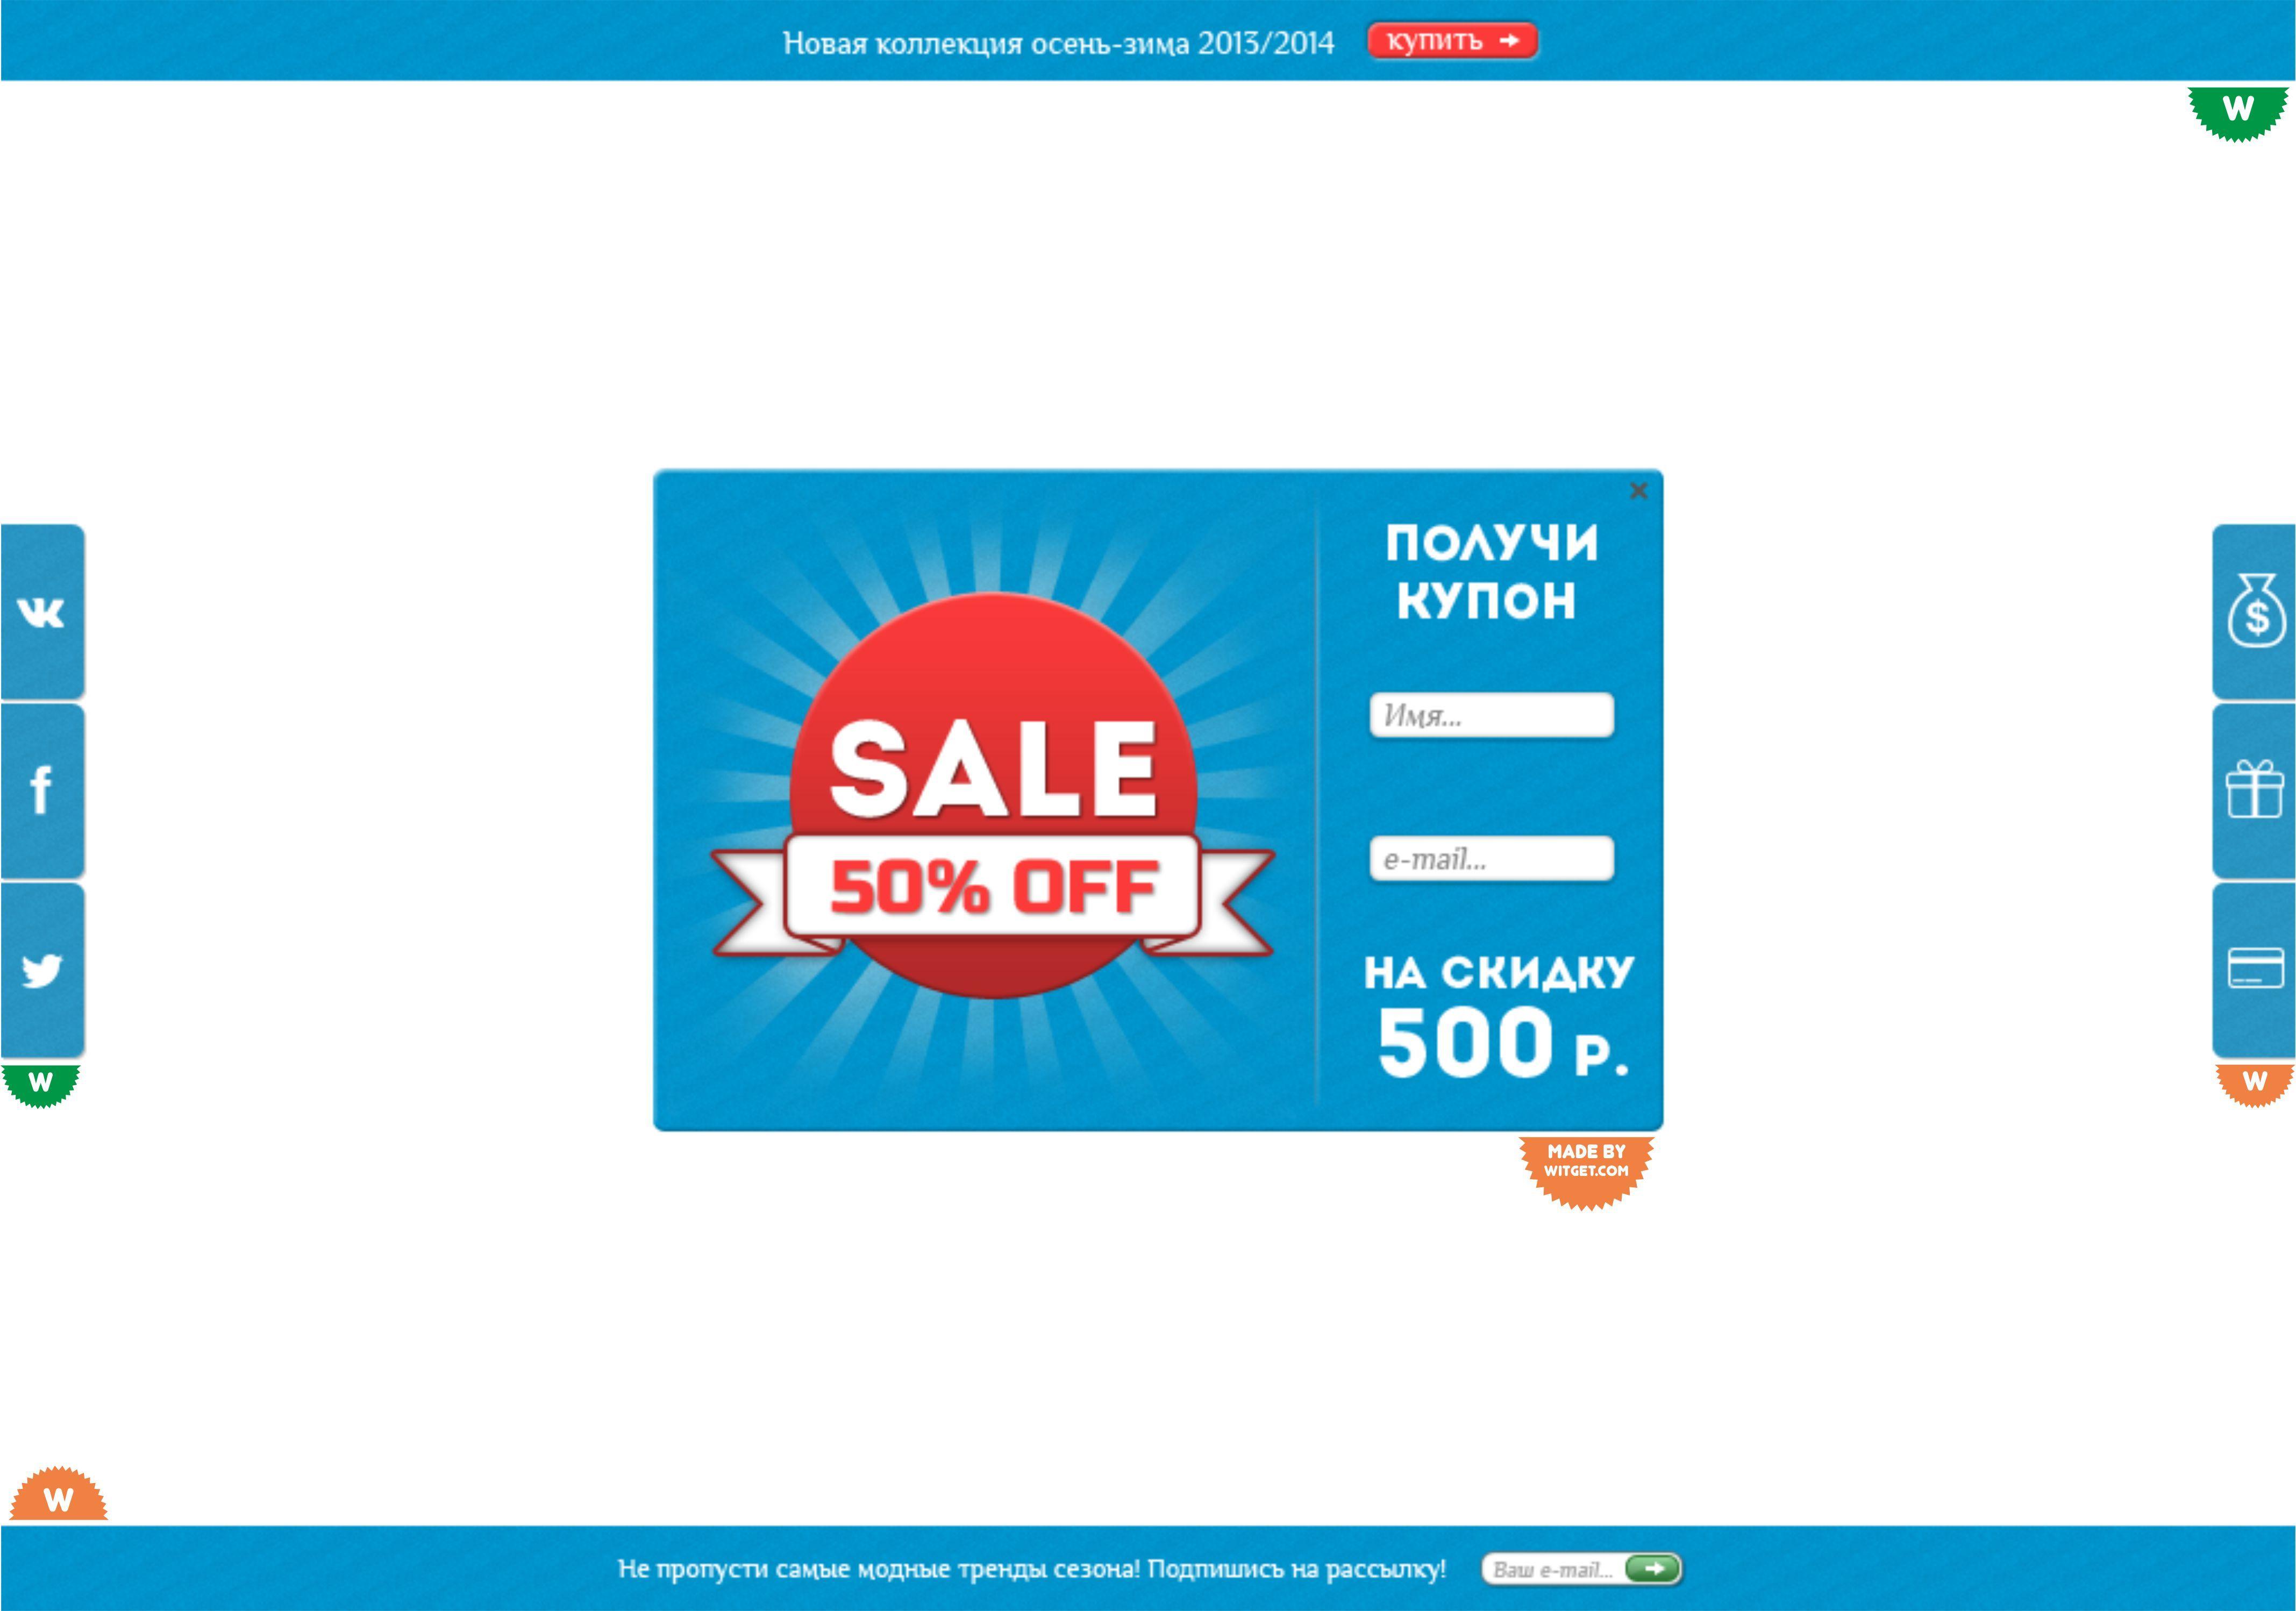 Witget.com - элементы брендирования Витжетов - дизайнер Ewgene